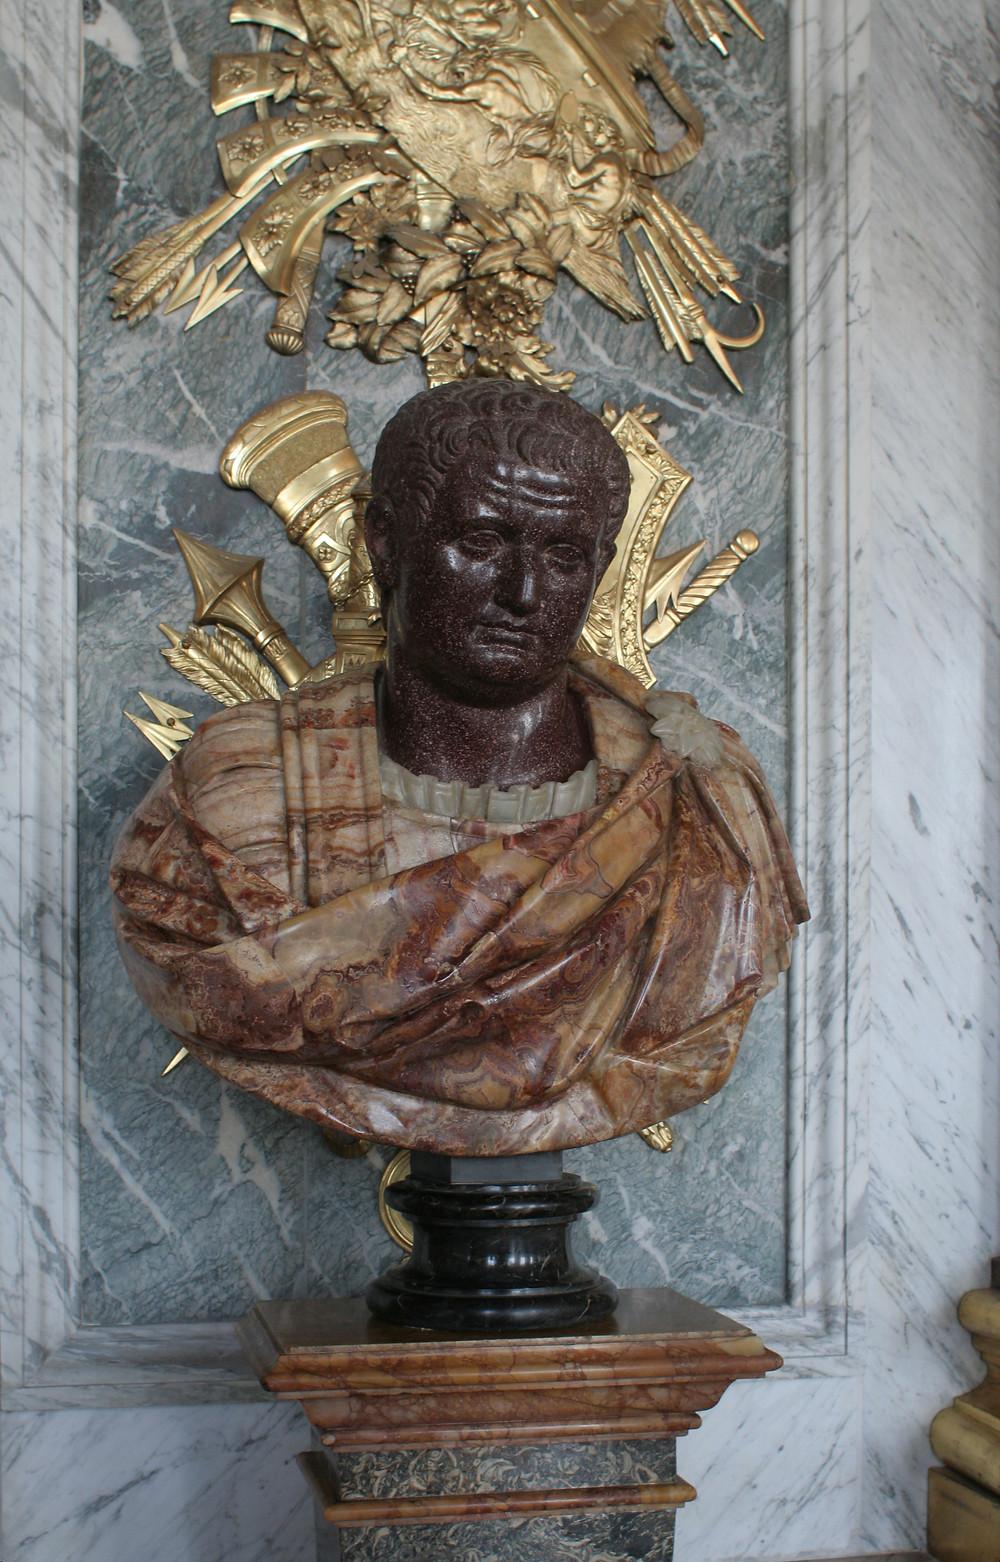 羅馬帝國第十任皇帝 提圖斯